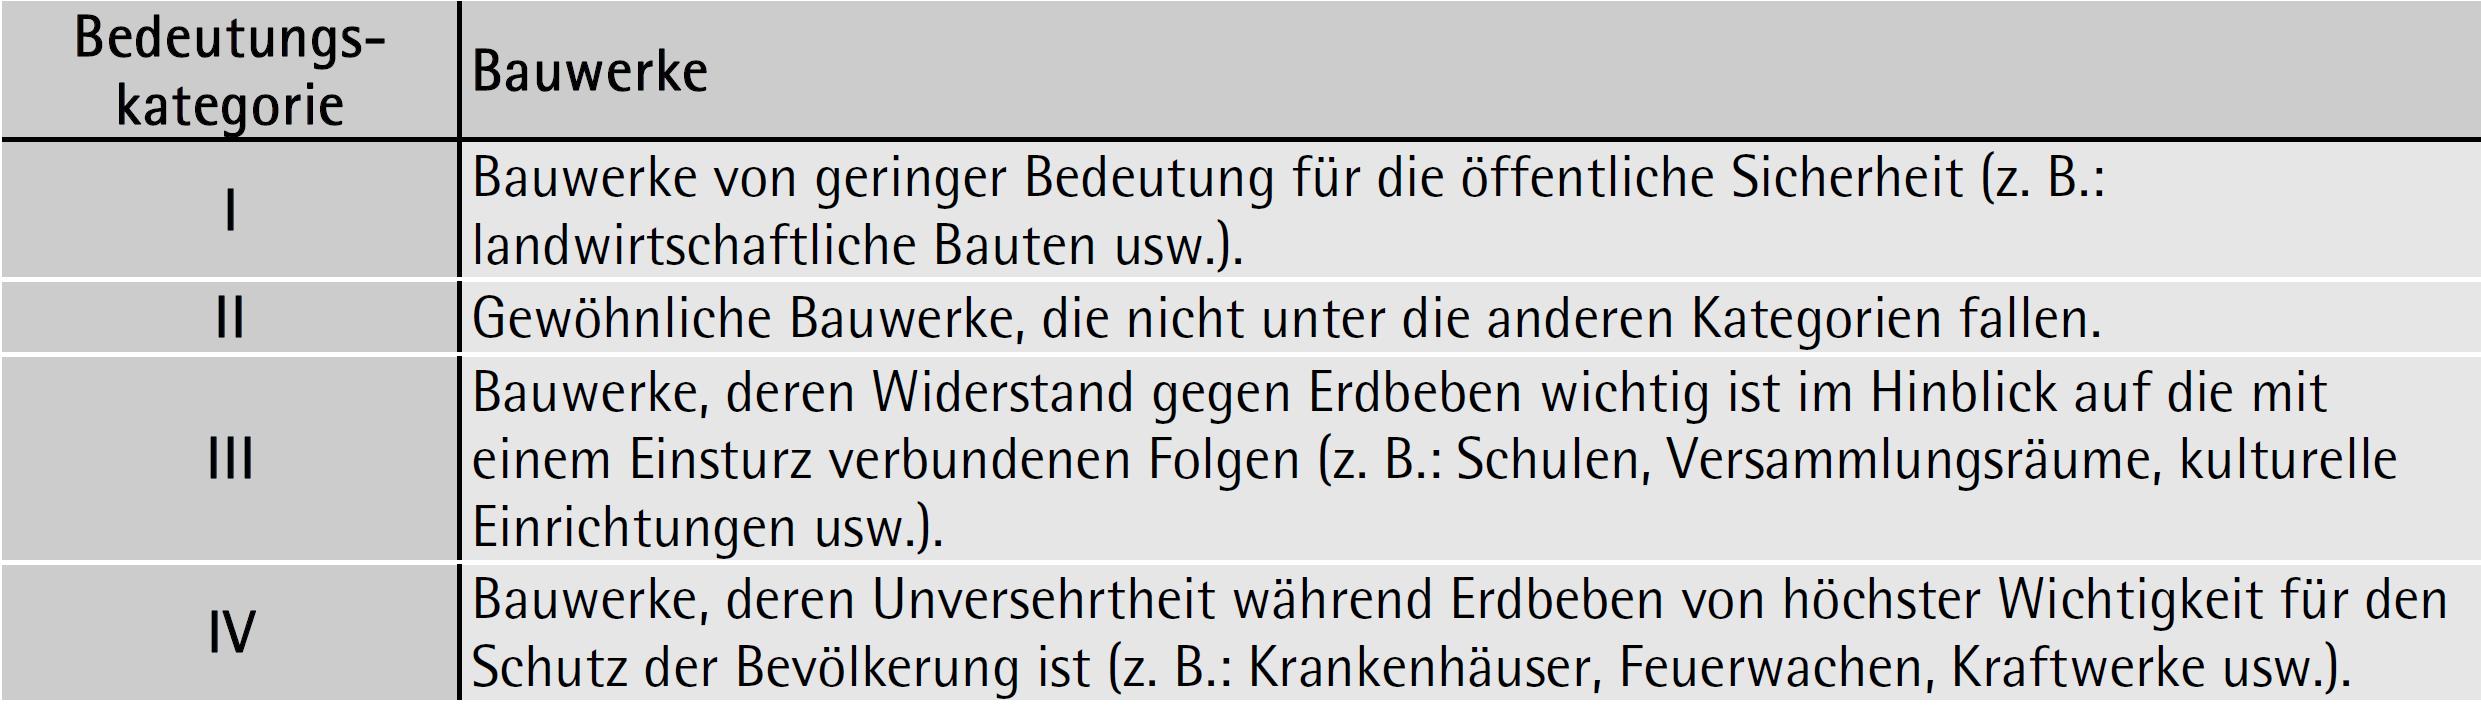 Bedeutungskategorien – ÖNORM EN 1998-1